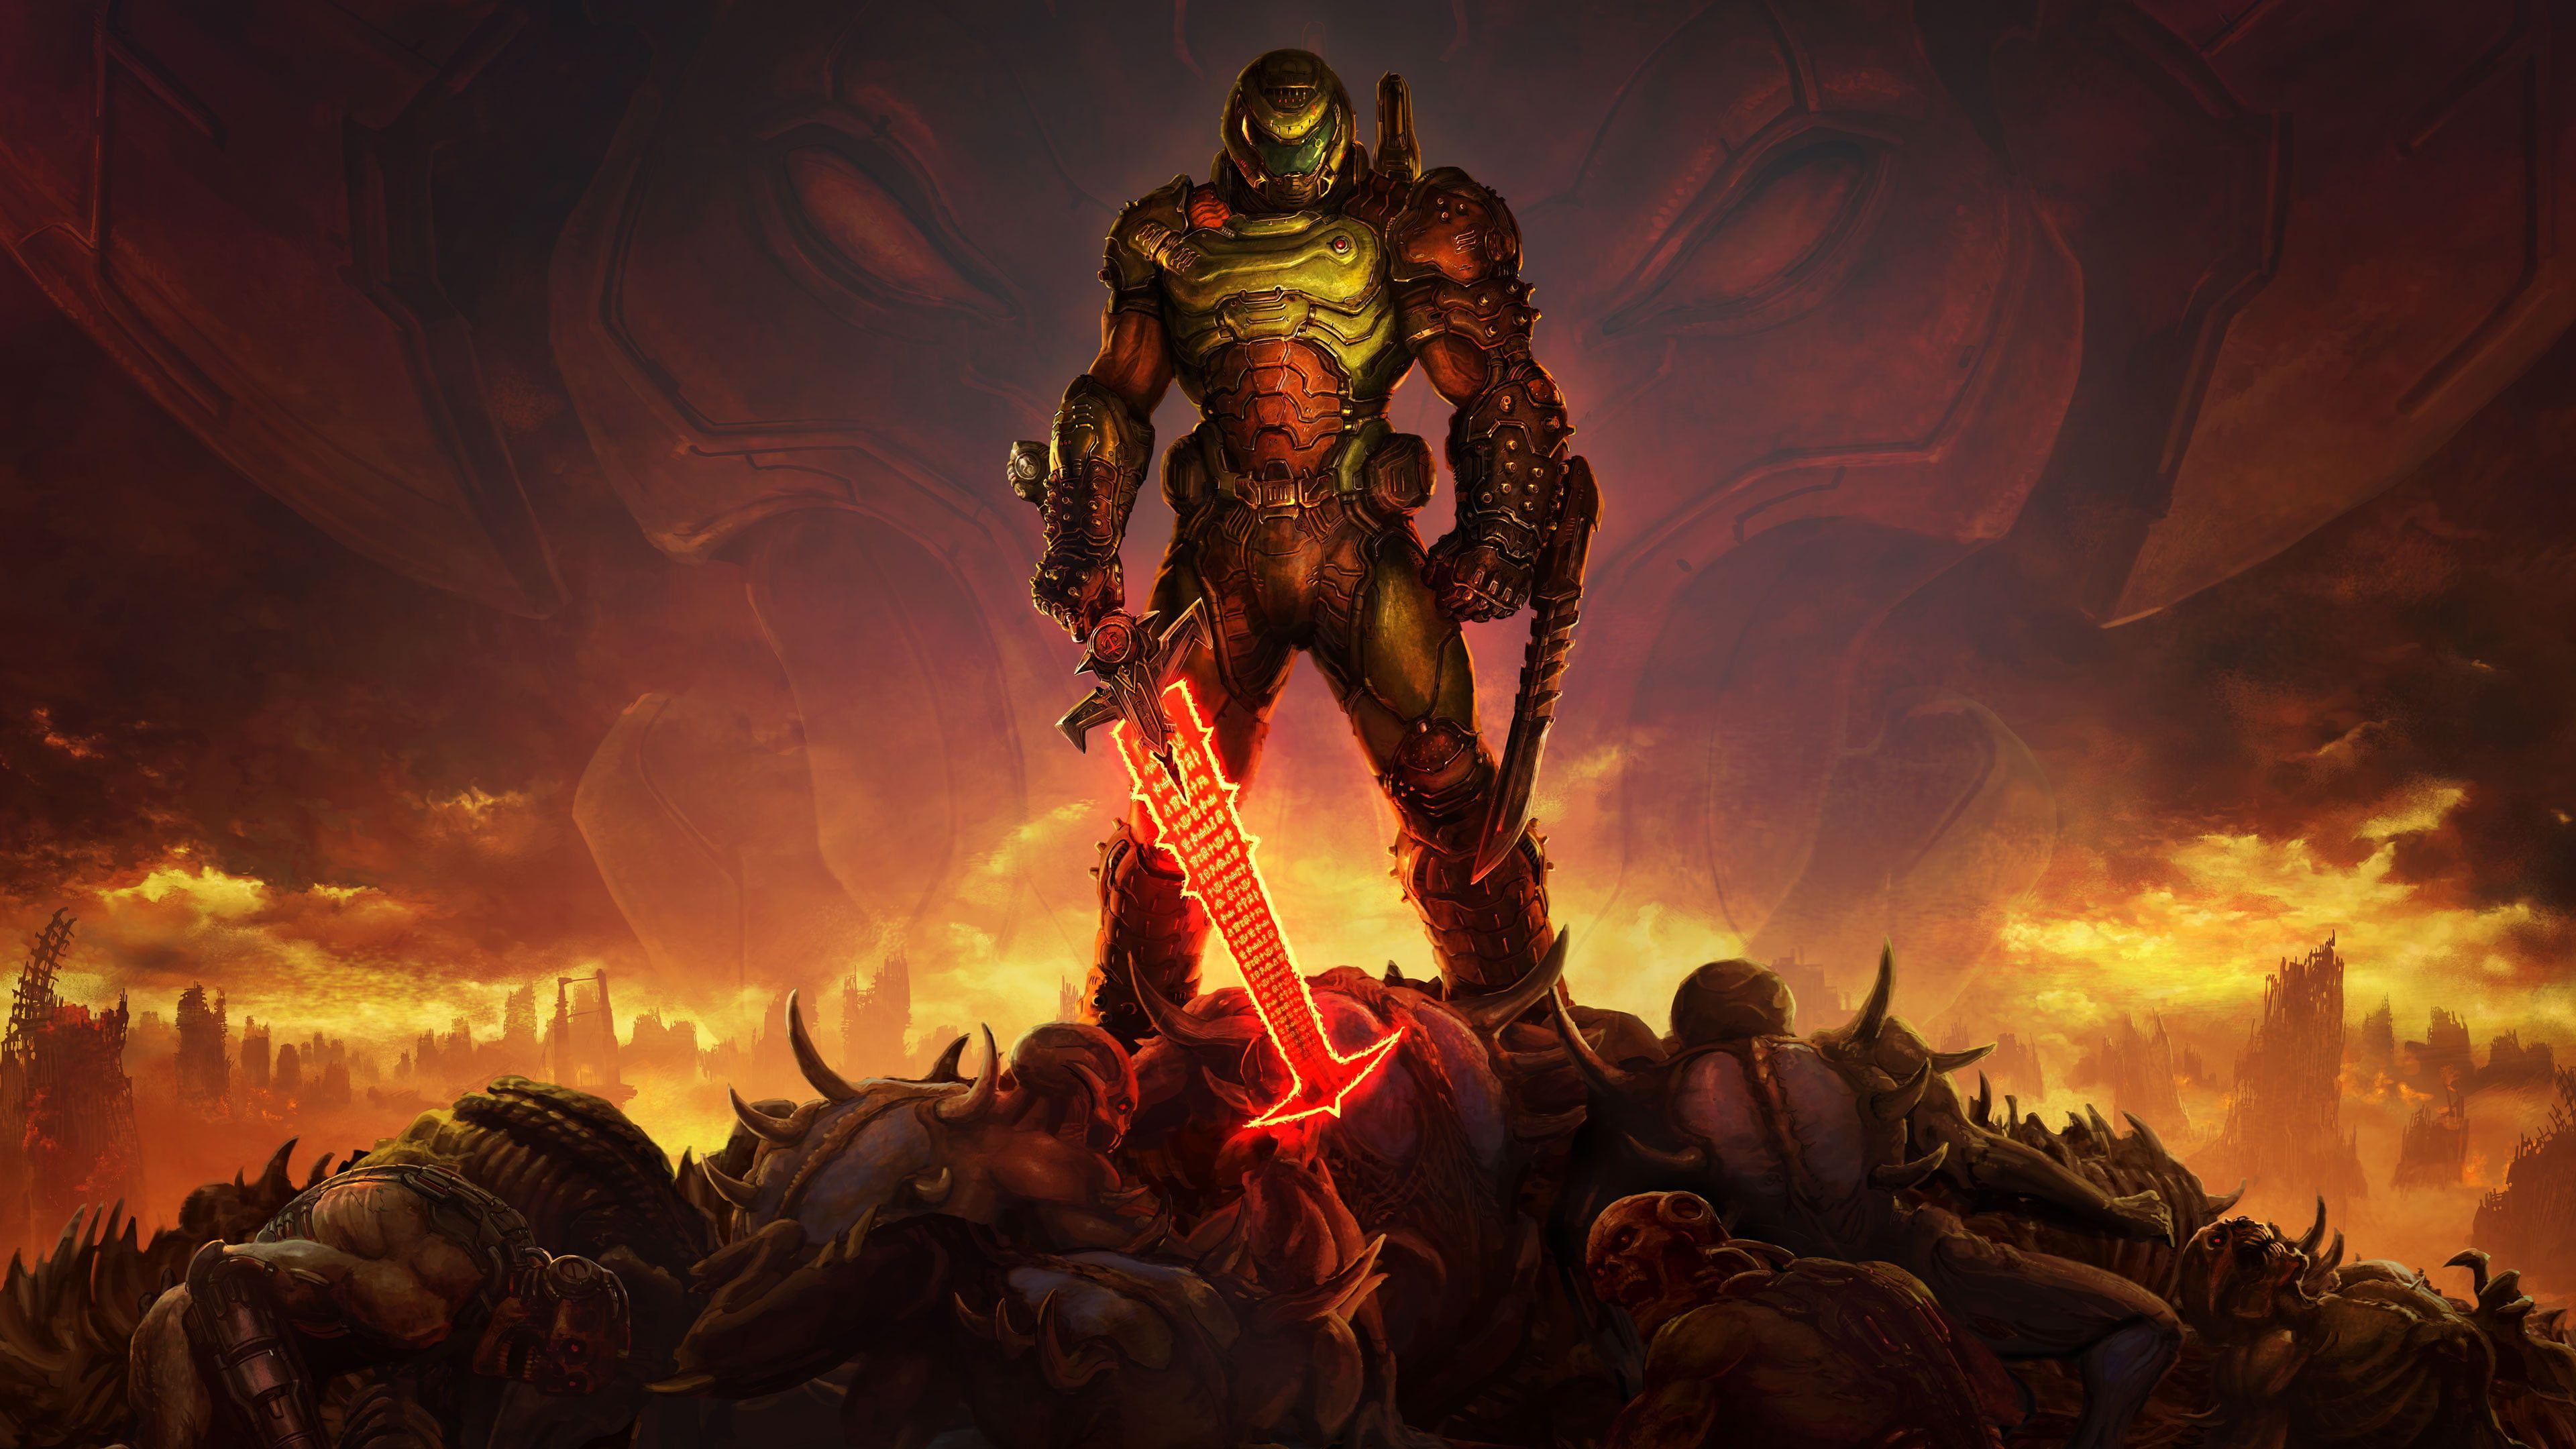 Doom Game Doom Guy Doom 2016 Doom Eternal Doom Slayer Video Game Horror Video Games Sword Demon 4k Wallpaper Hdwallpap In 2020 Doom Game Video Game Art Slayer